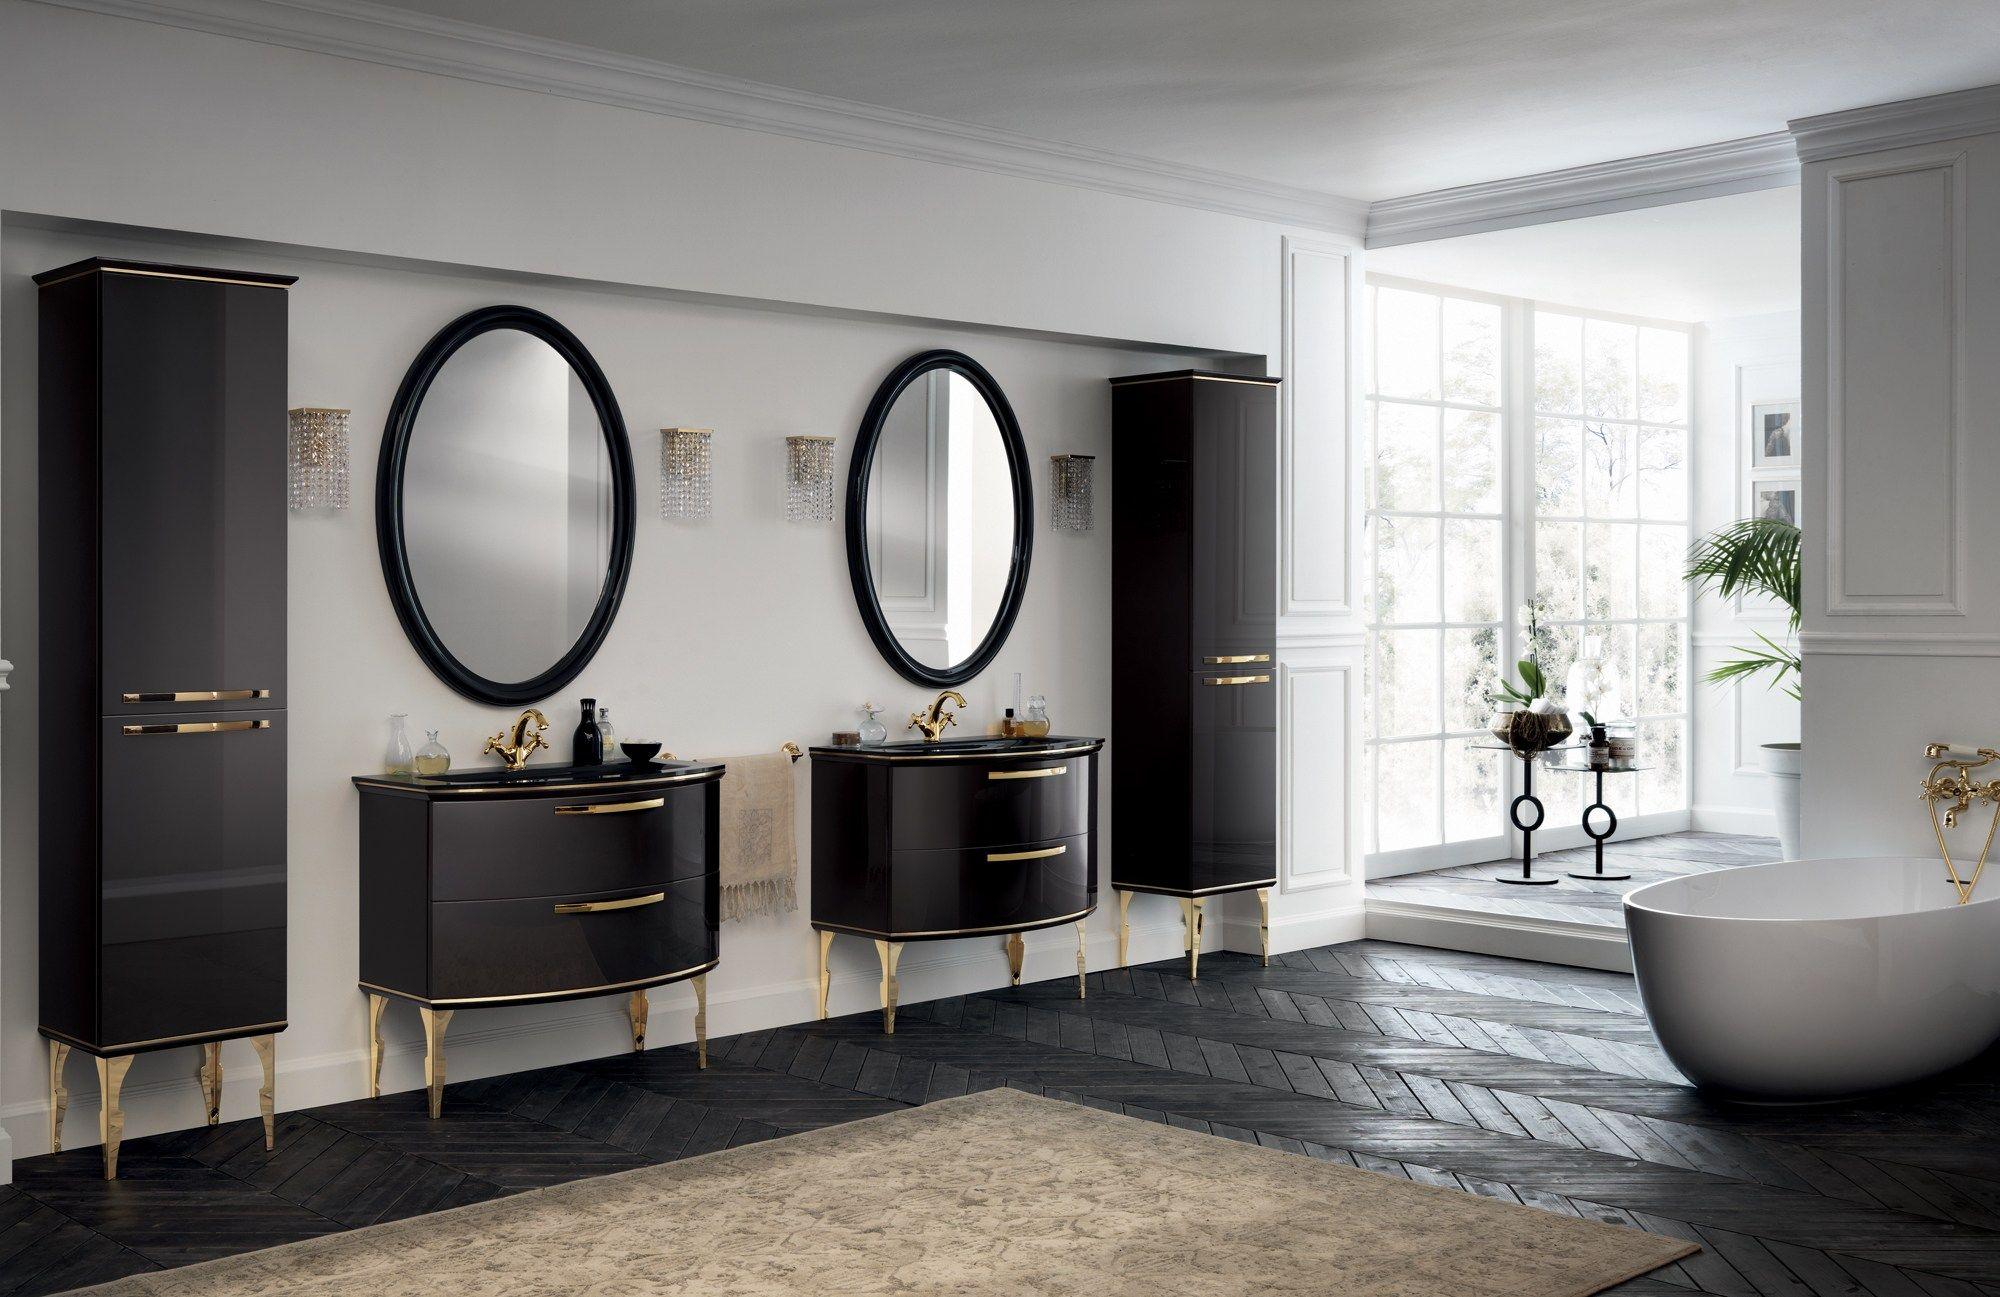 arredo bagno completo magnifica by scavolini bathrooms design ... - Arredo Bagno Scavolini